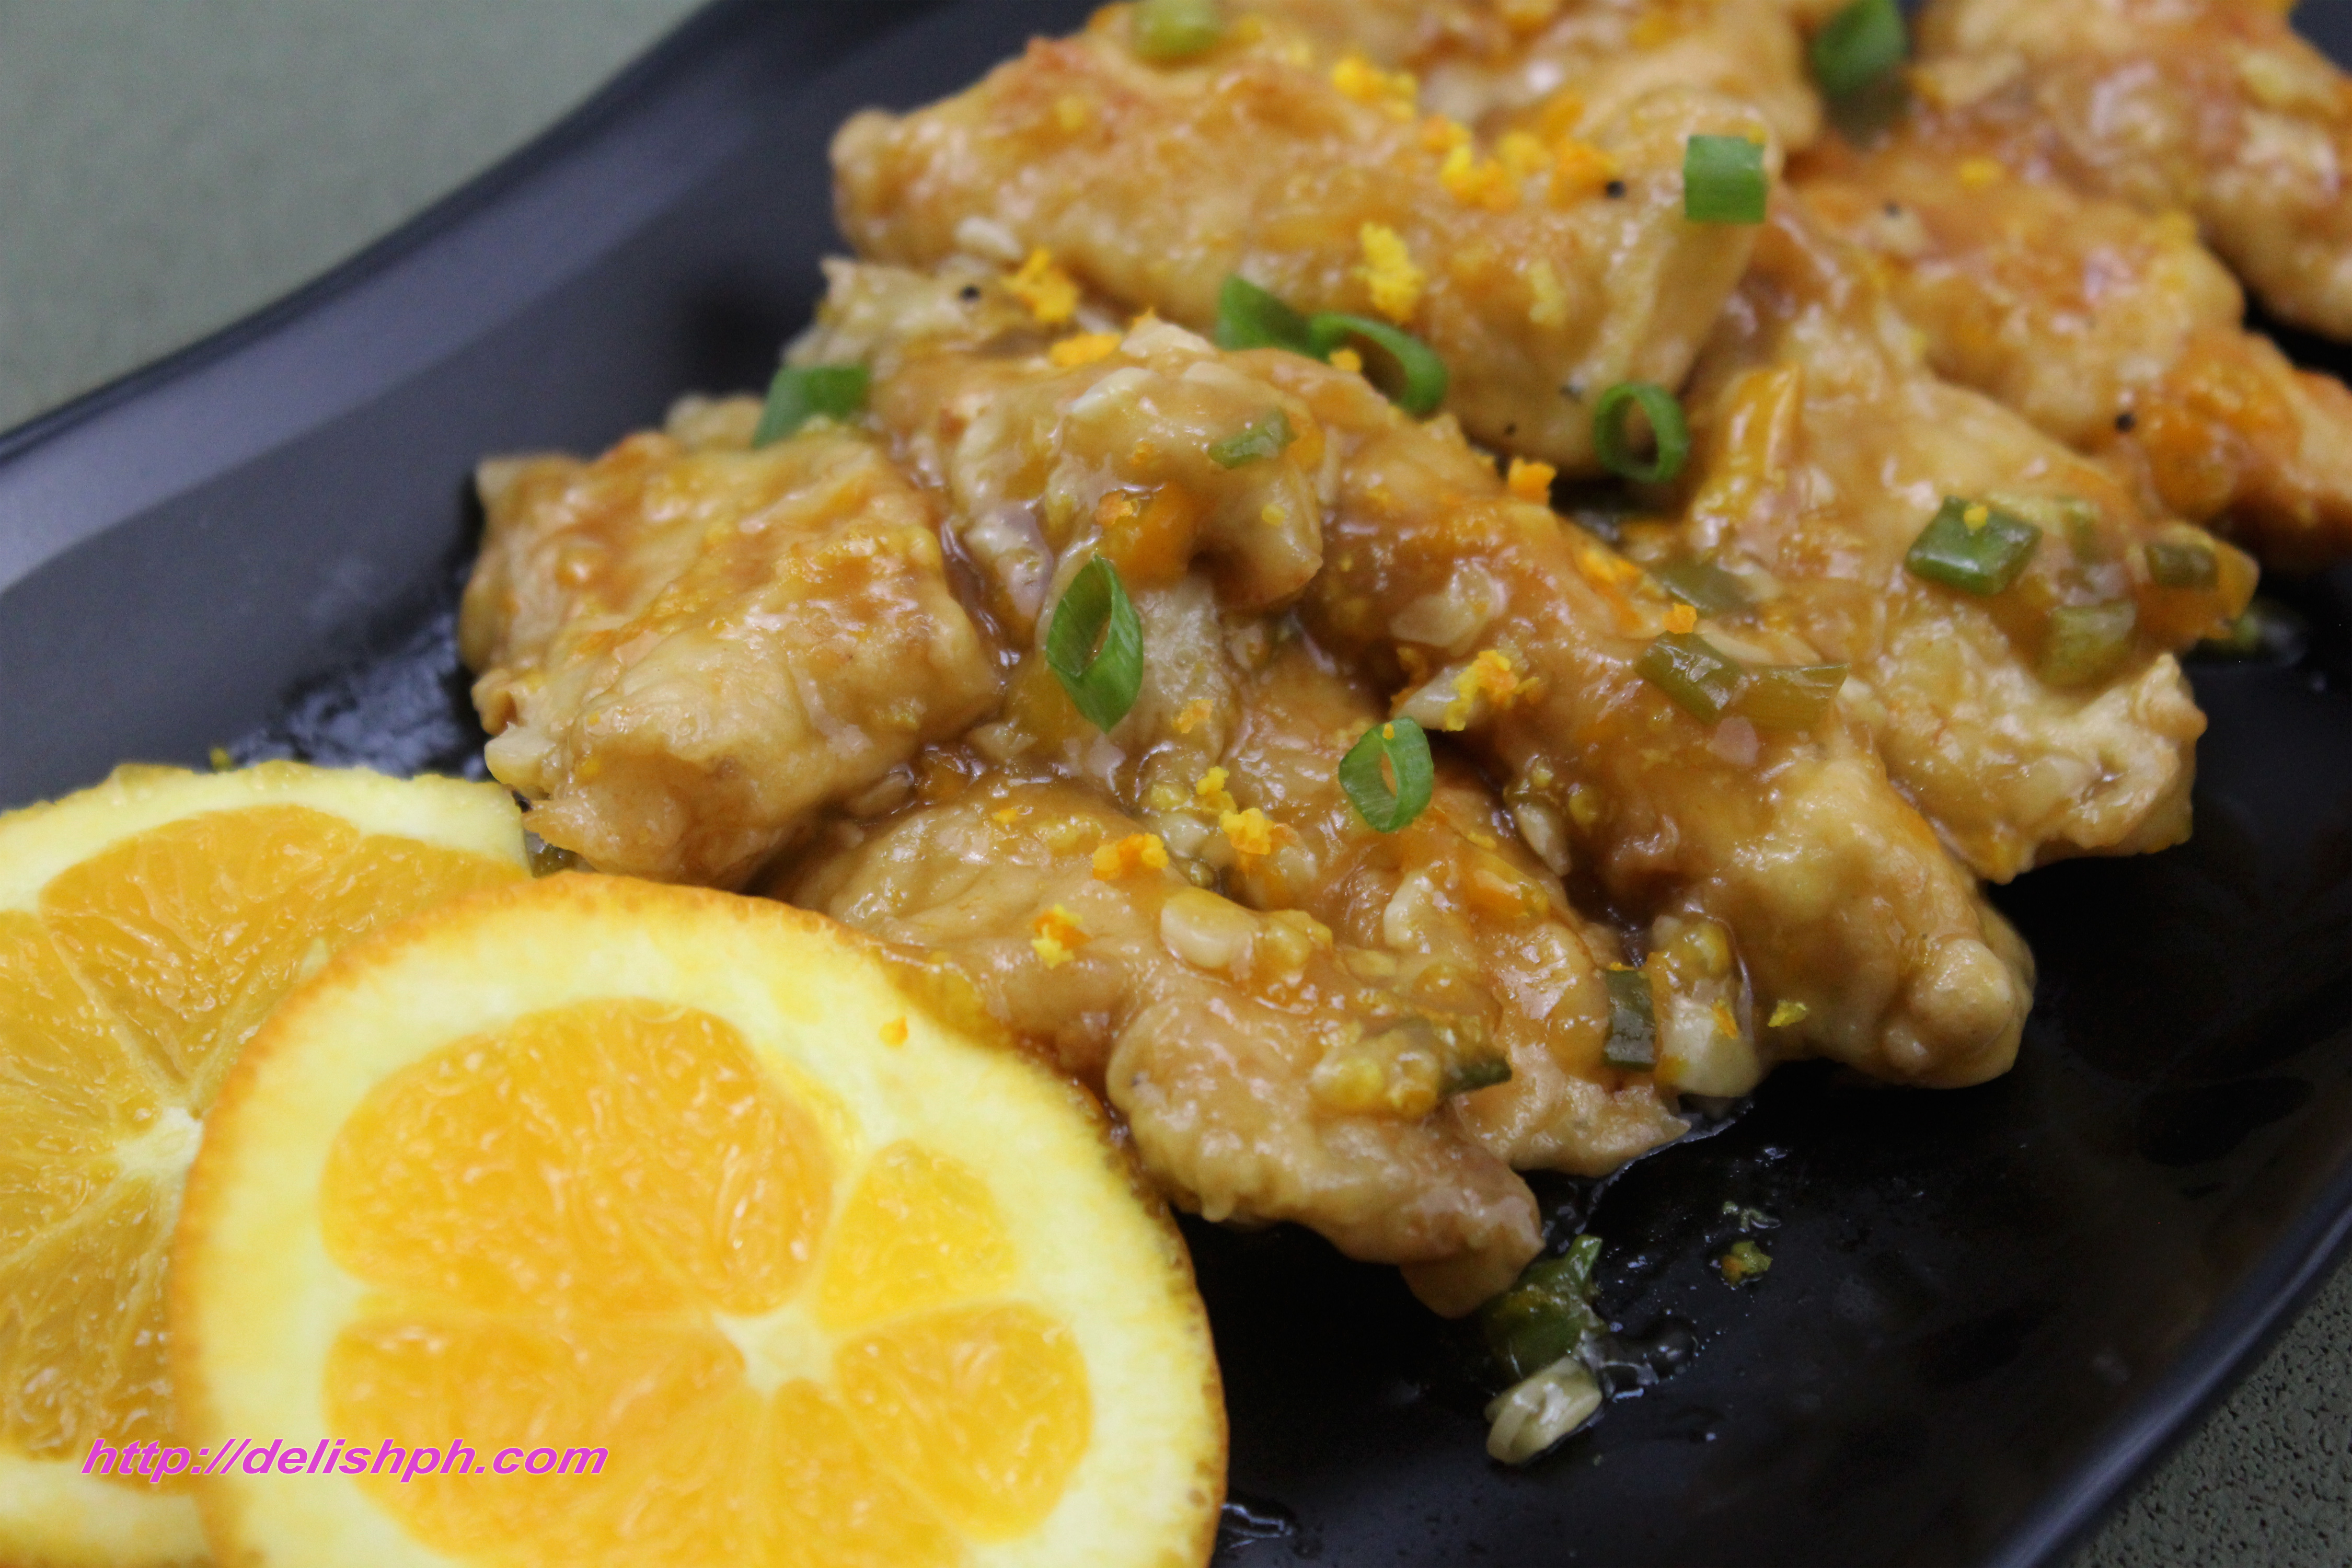 Orange chicken recipe delish ph orange chicken forumfinder Gallery